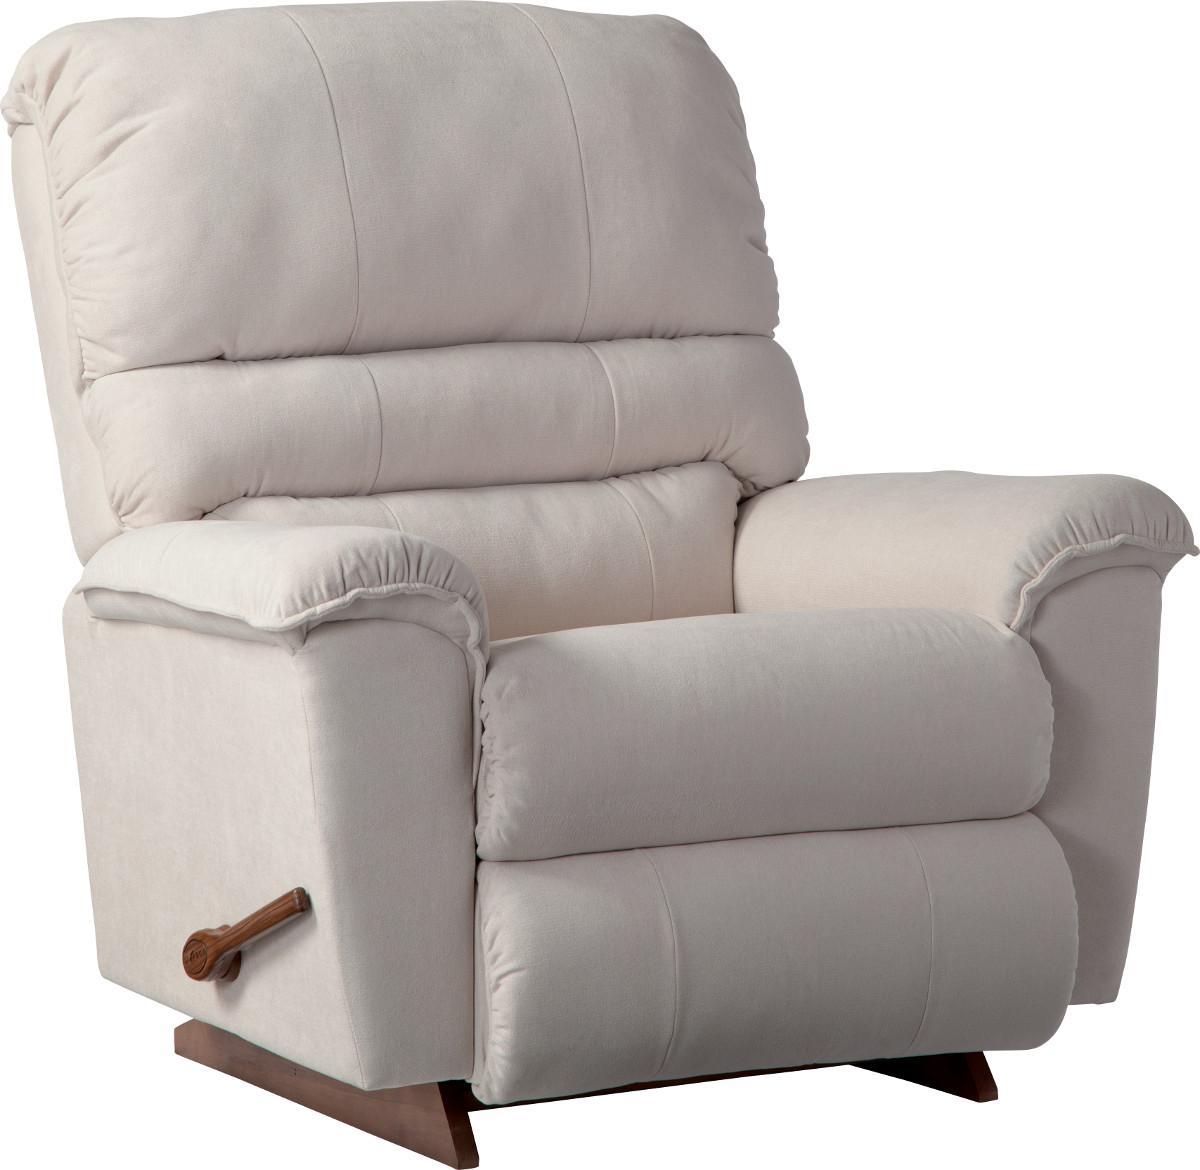 Shown in Caprice Hemp D107531  sc 1 st  Conlinu0027s Furniture & La-Z-Boy Recliners Vince RECLINA-ROCKER® Recliner - Conlinu0027s ... islam-shia.org